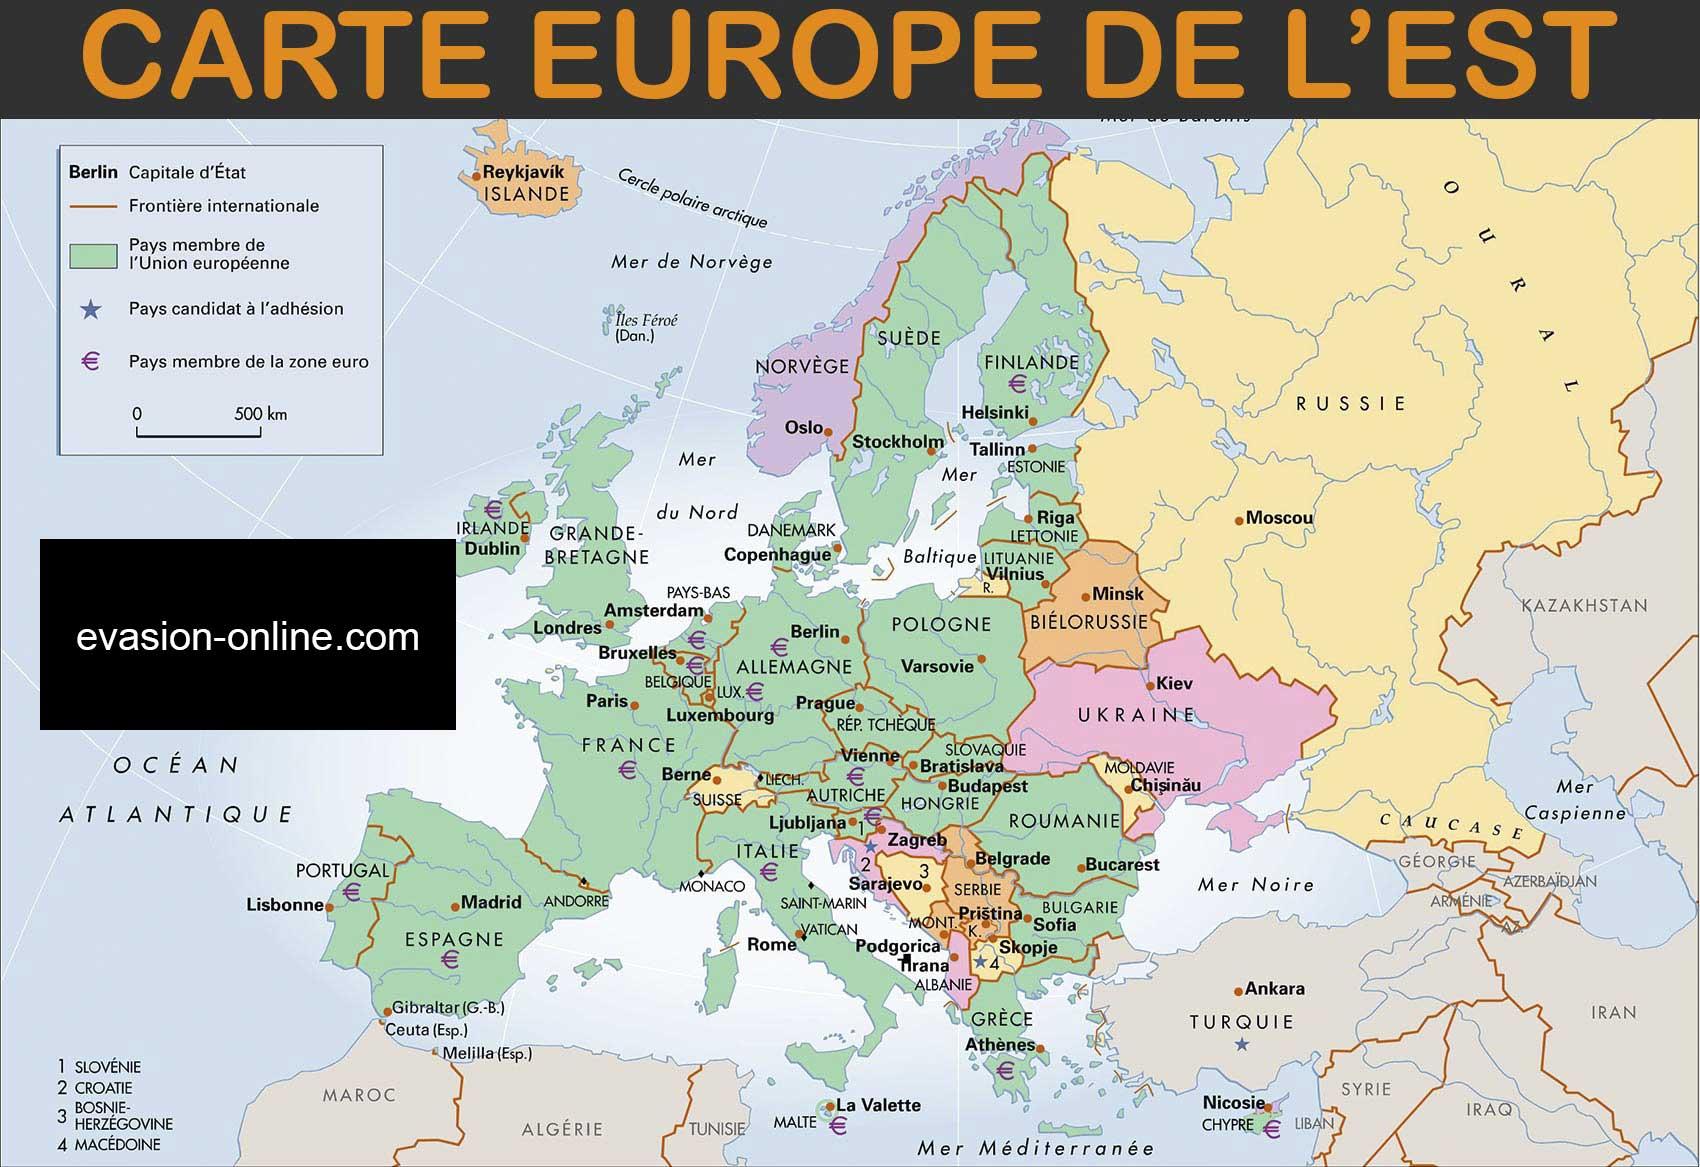 Carte Europe De L'est - Images » Vacances - Arts- Guides Voyages concernant Pays D Europe Et Capitales